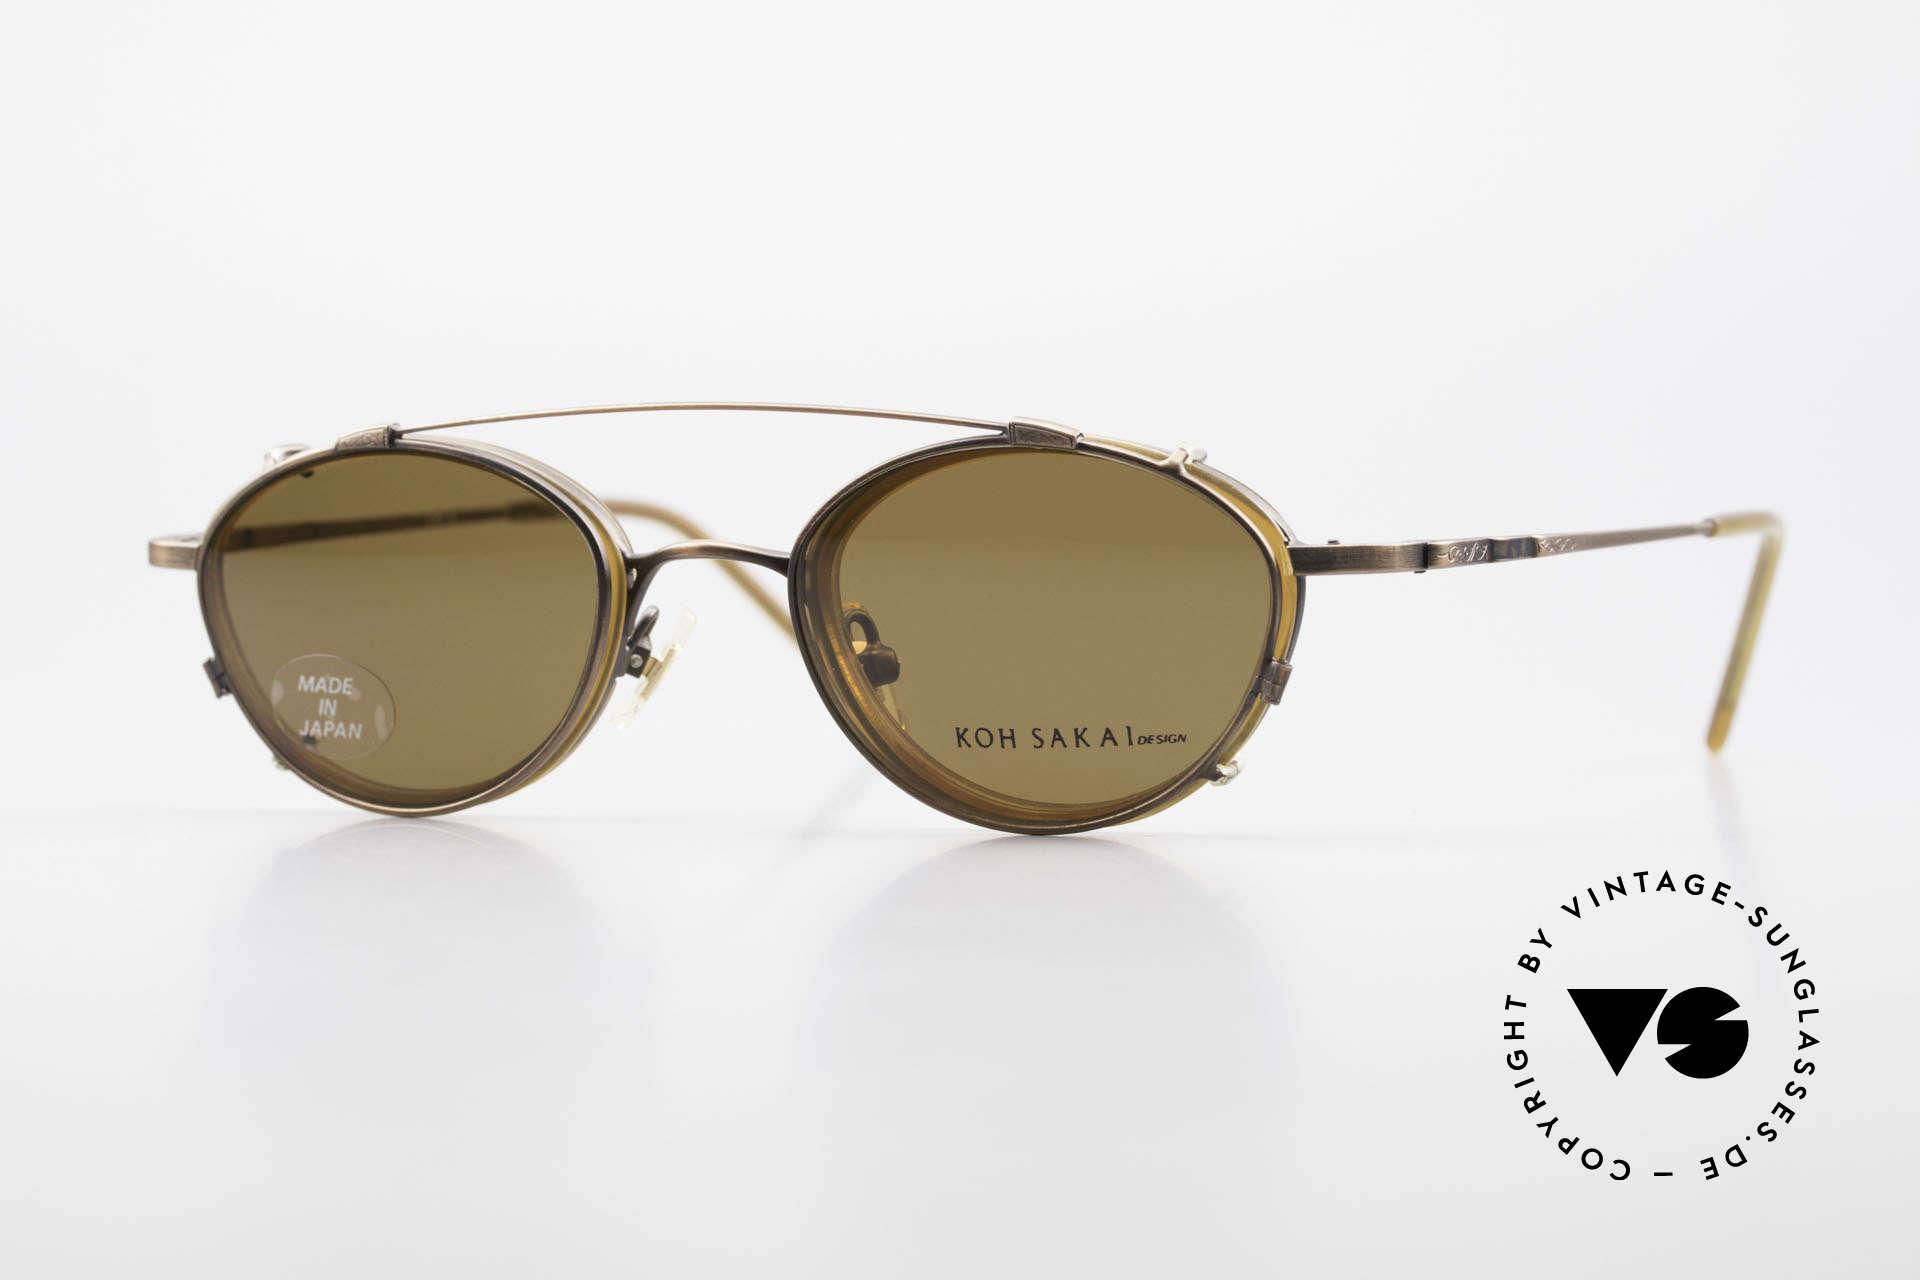 Koh Sakai KS9832 Vintage Brille Mit SonnenClip, vintage Brille Koh Sakai 9832, 45-21 mit Sonnen-Clip, Passend für Herren und Damen